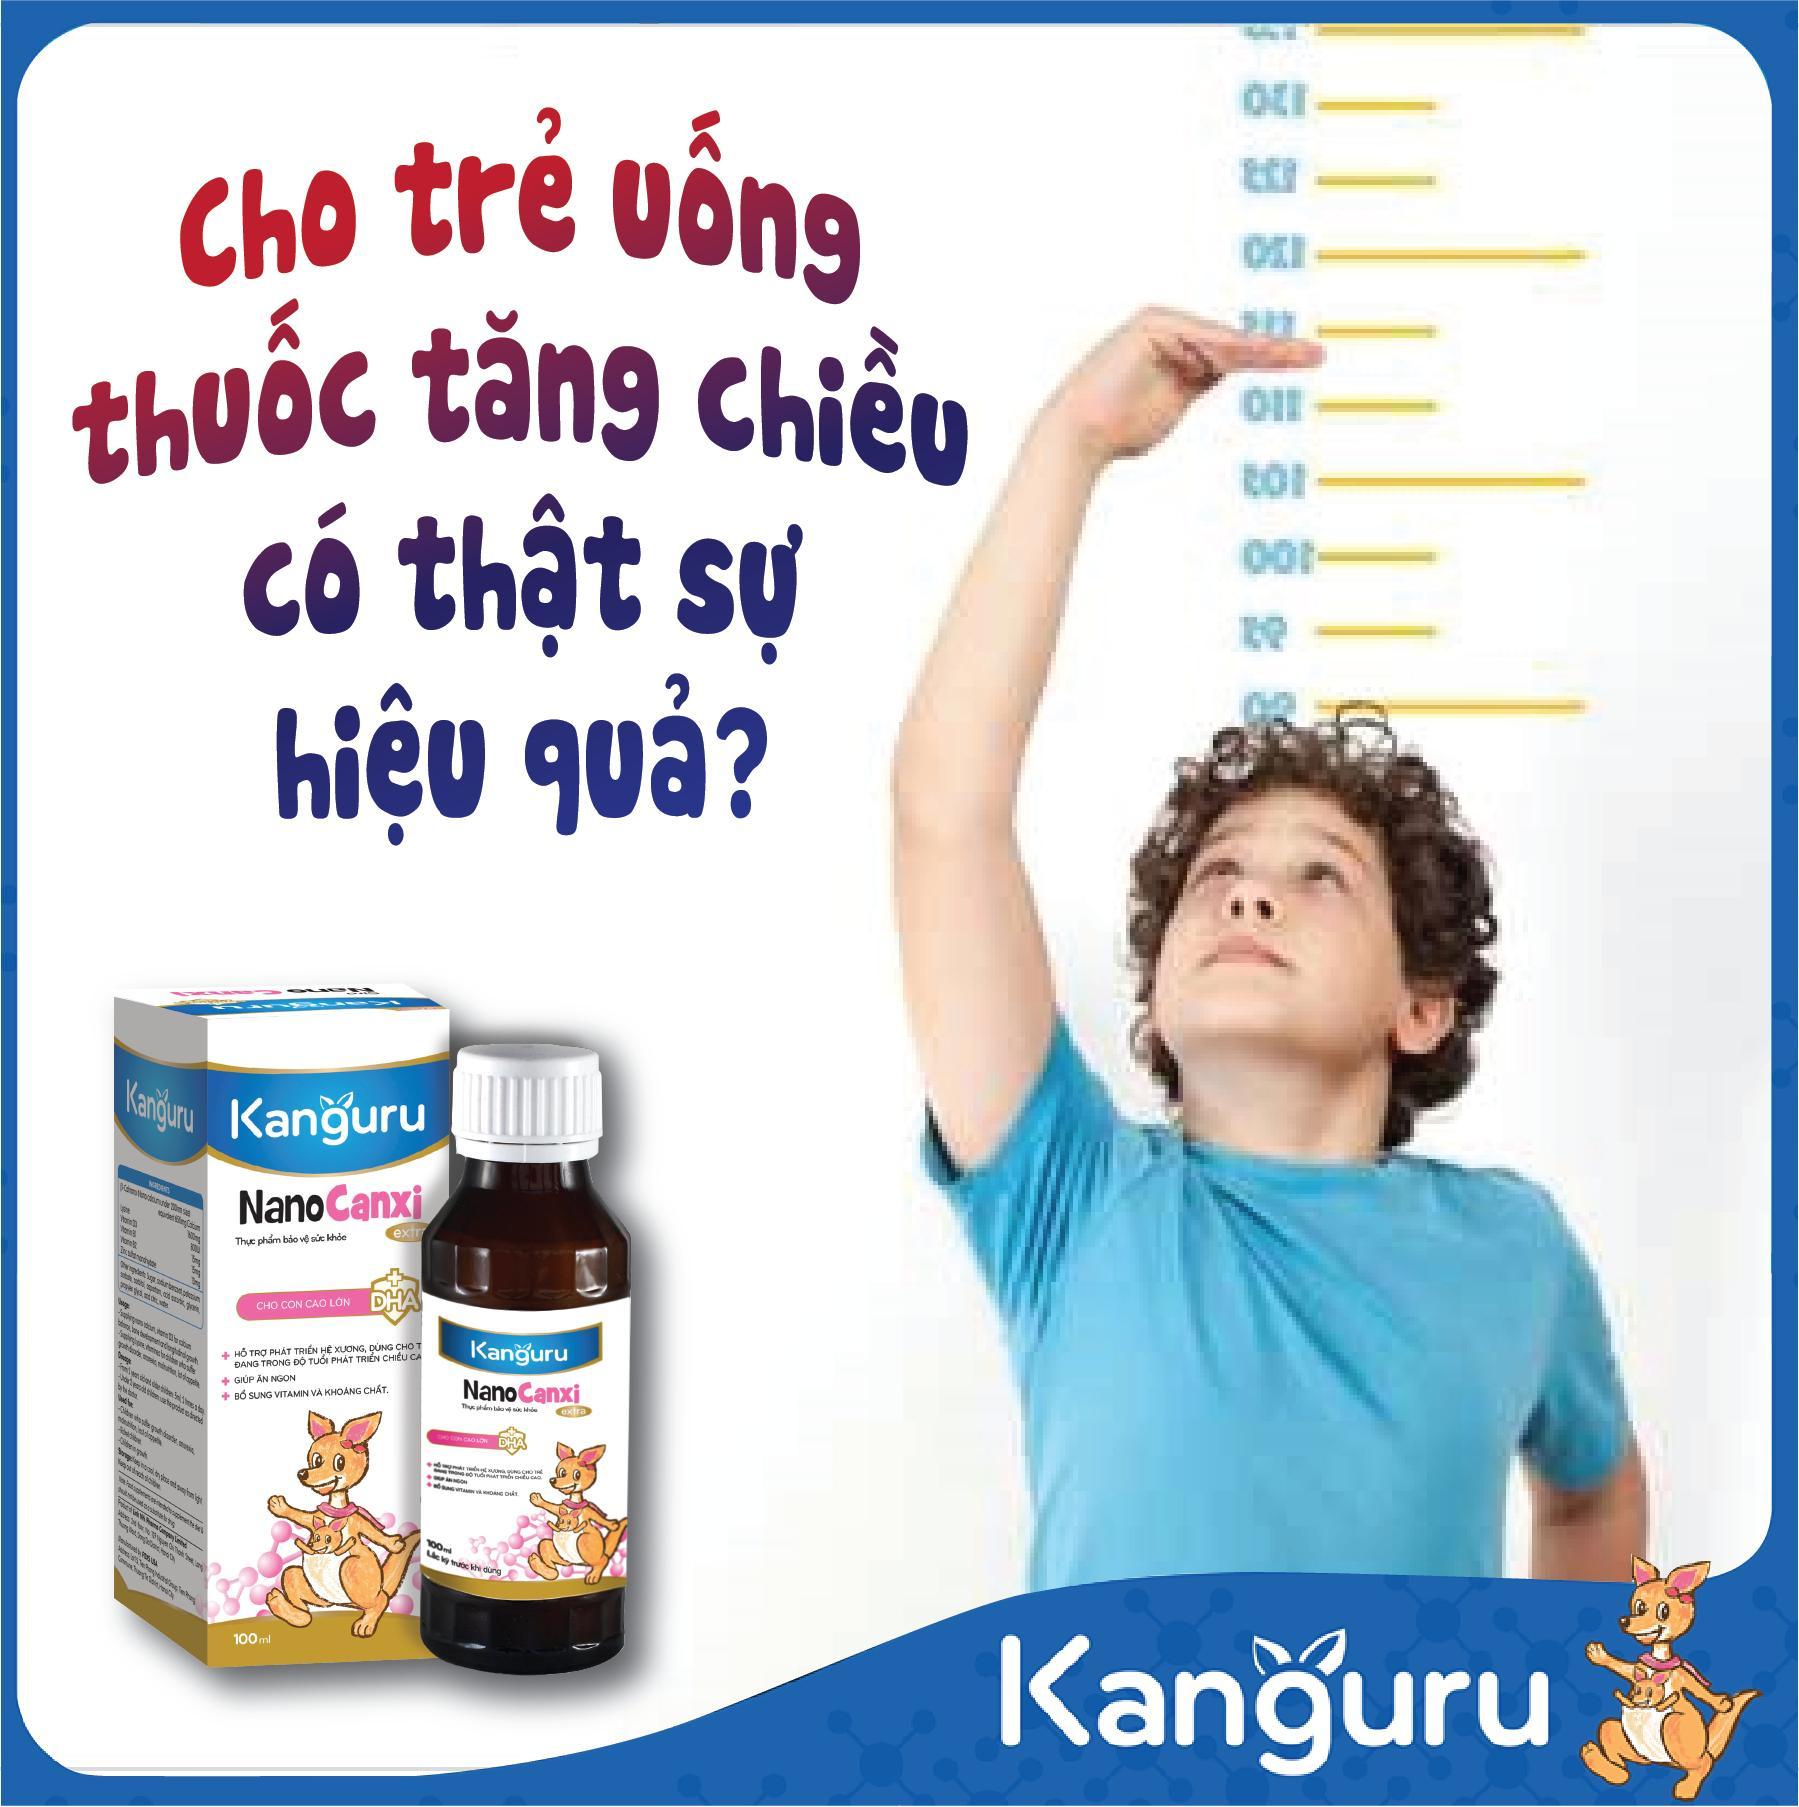 Có nên cho trẻ uống thuốc tăng chiều cao?